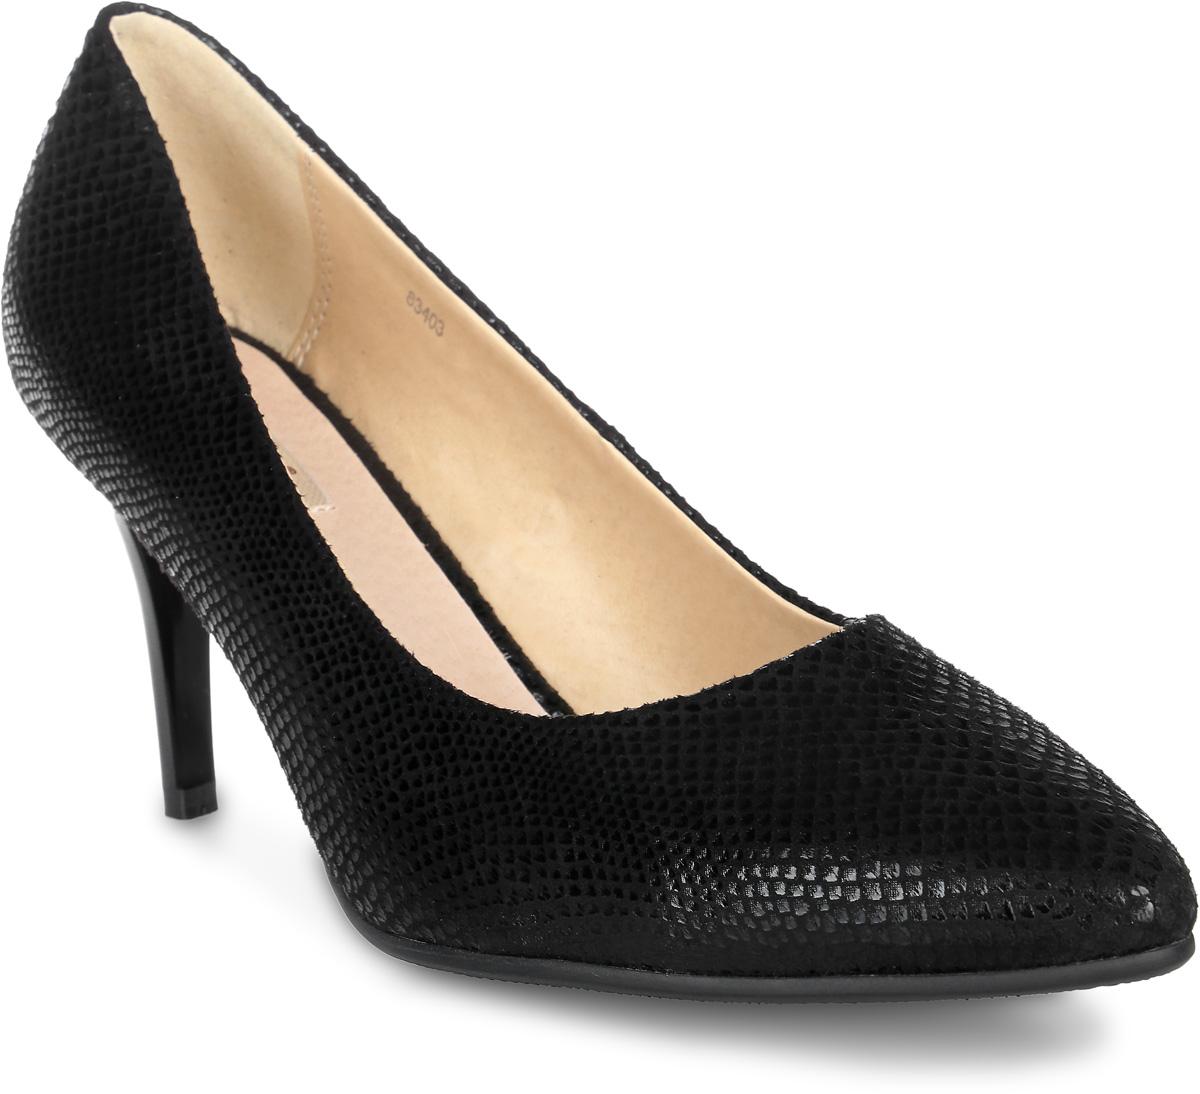 Туфли женские Vitacci, цвет: черный. 83403. Размер 3783403Стильные туфли Vitacci не оставят вас незамеченной! Модель изготовлена из качественной искусственной замши. Стелька из натуральной кожи обеспечивает комфорт и удобство при ходьбе. Подошва выполнена с высоким устойчивым каблуком.